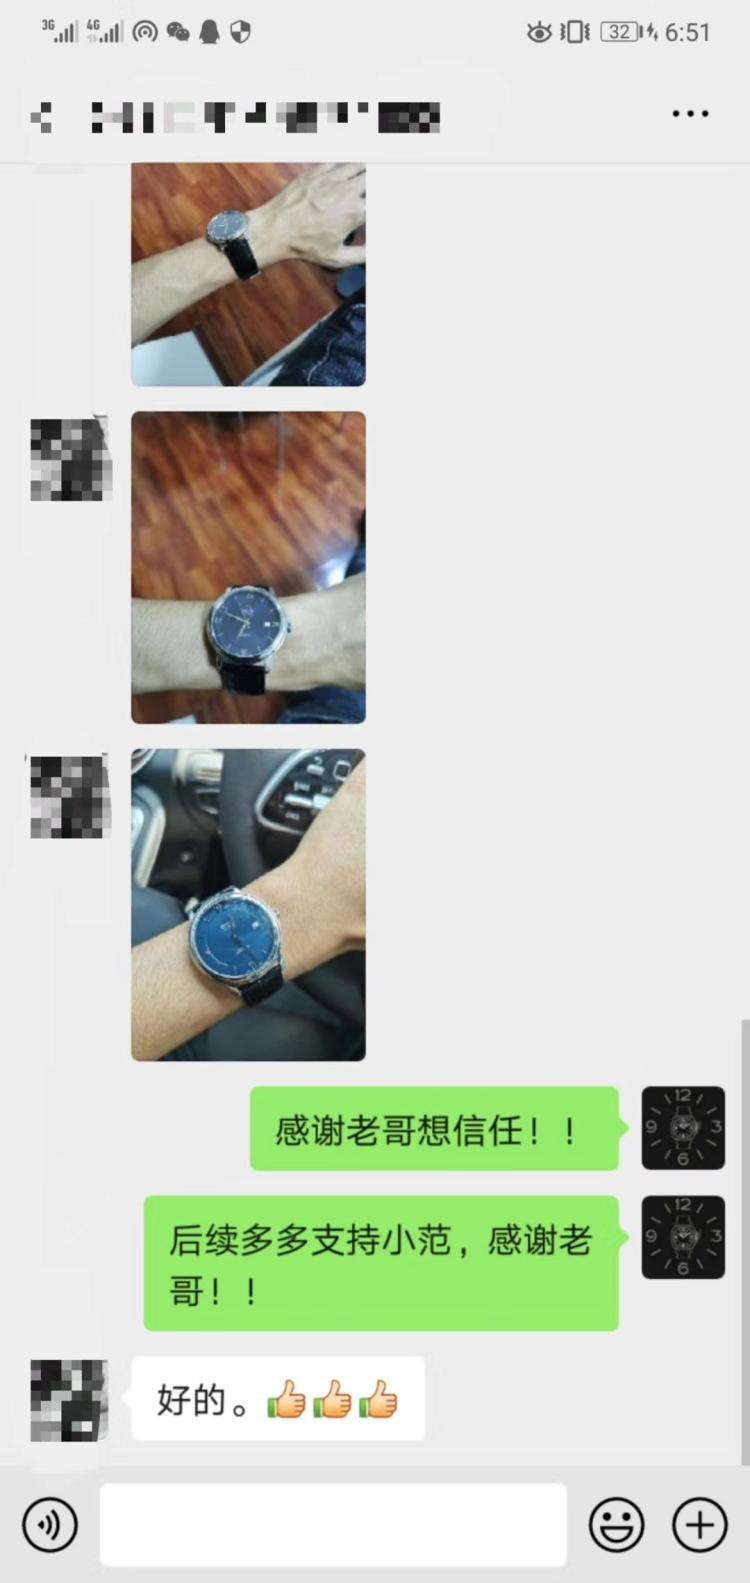 mks厂欧米茄蝶飞复刻表